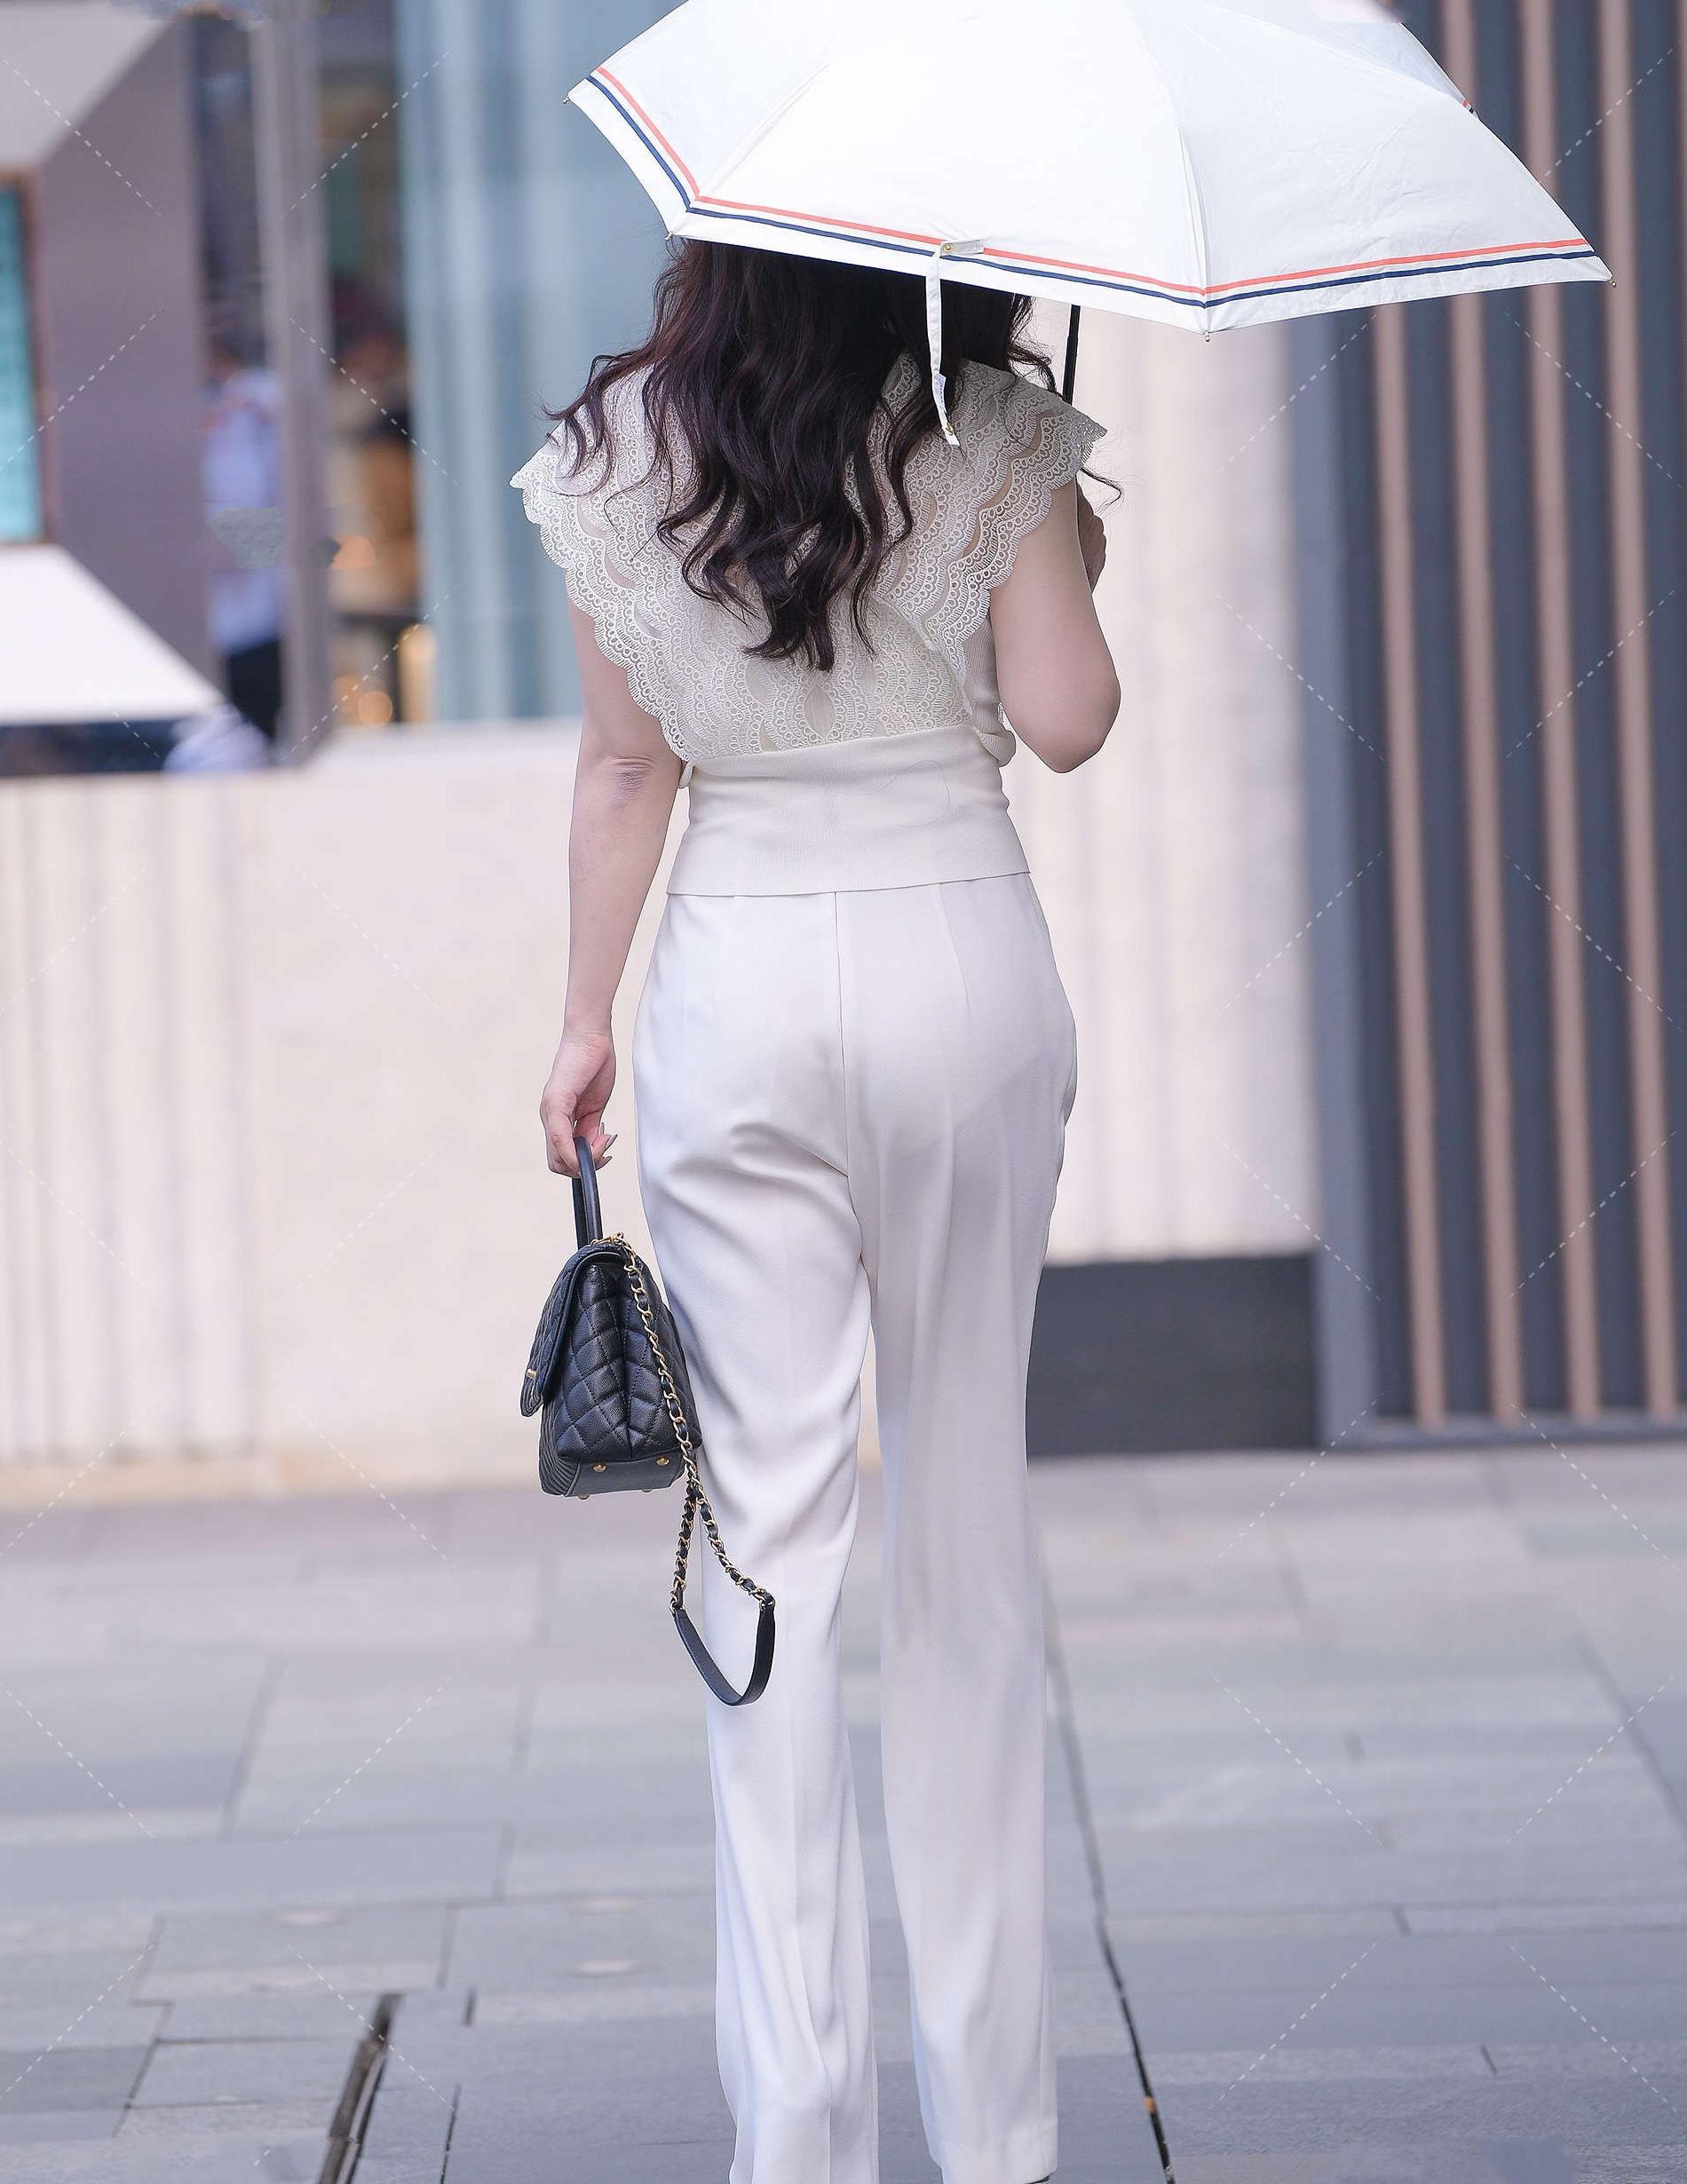 抹胸蓝白格子修身超短连体裙搭白色长筒丝袜,甜美清新,时尚前卫